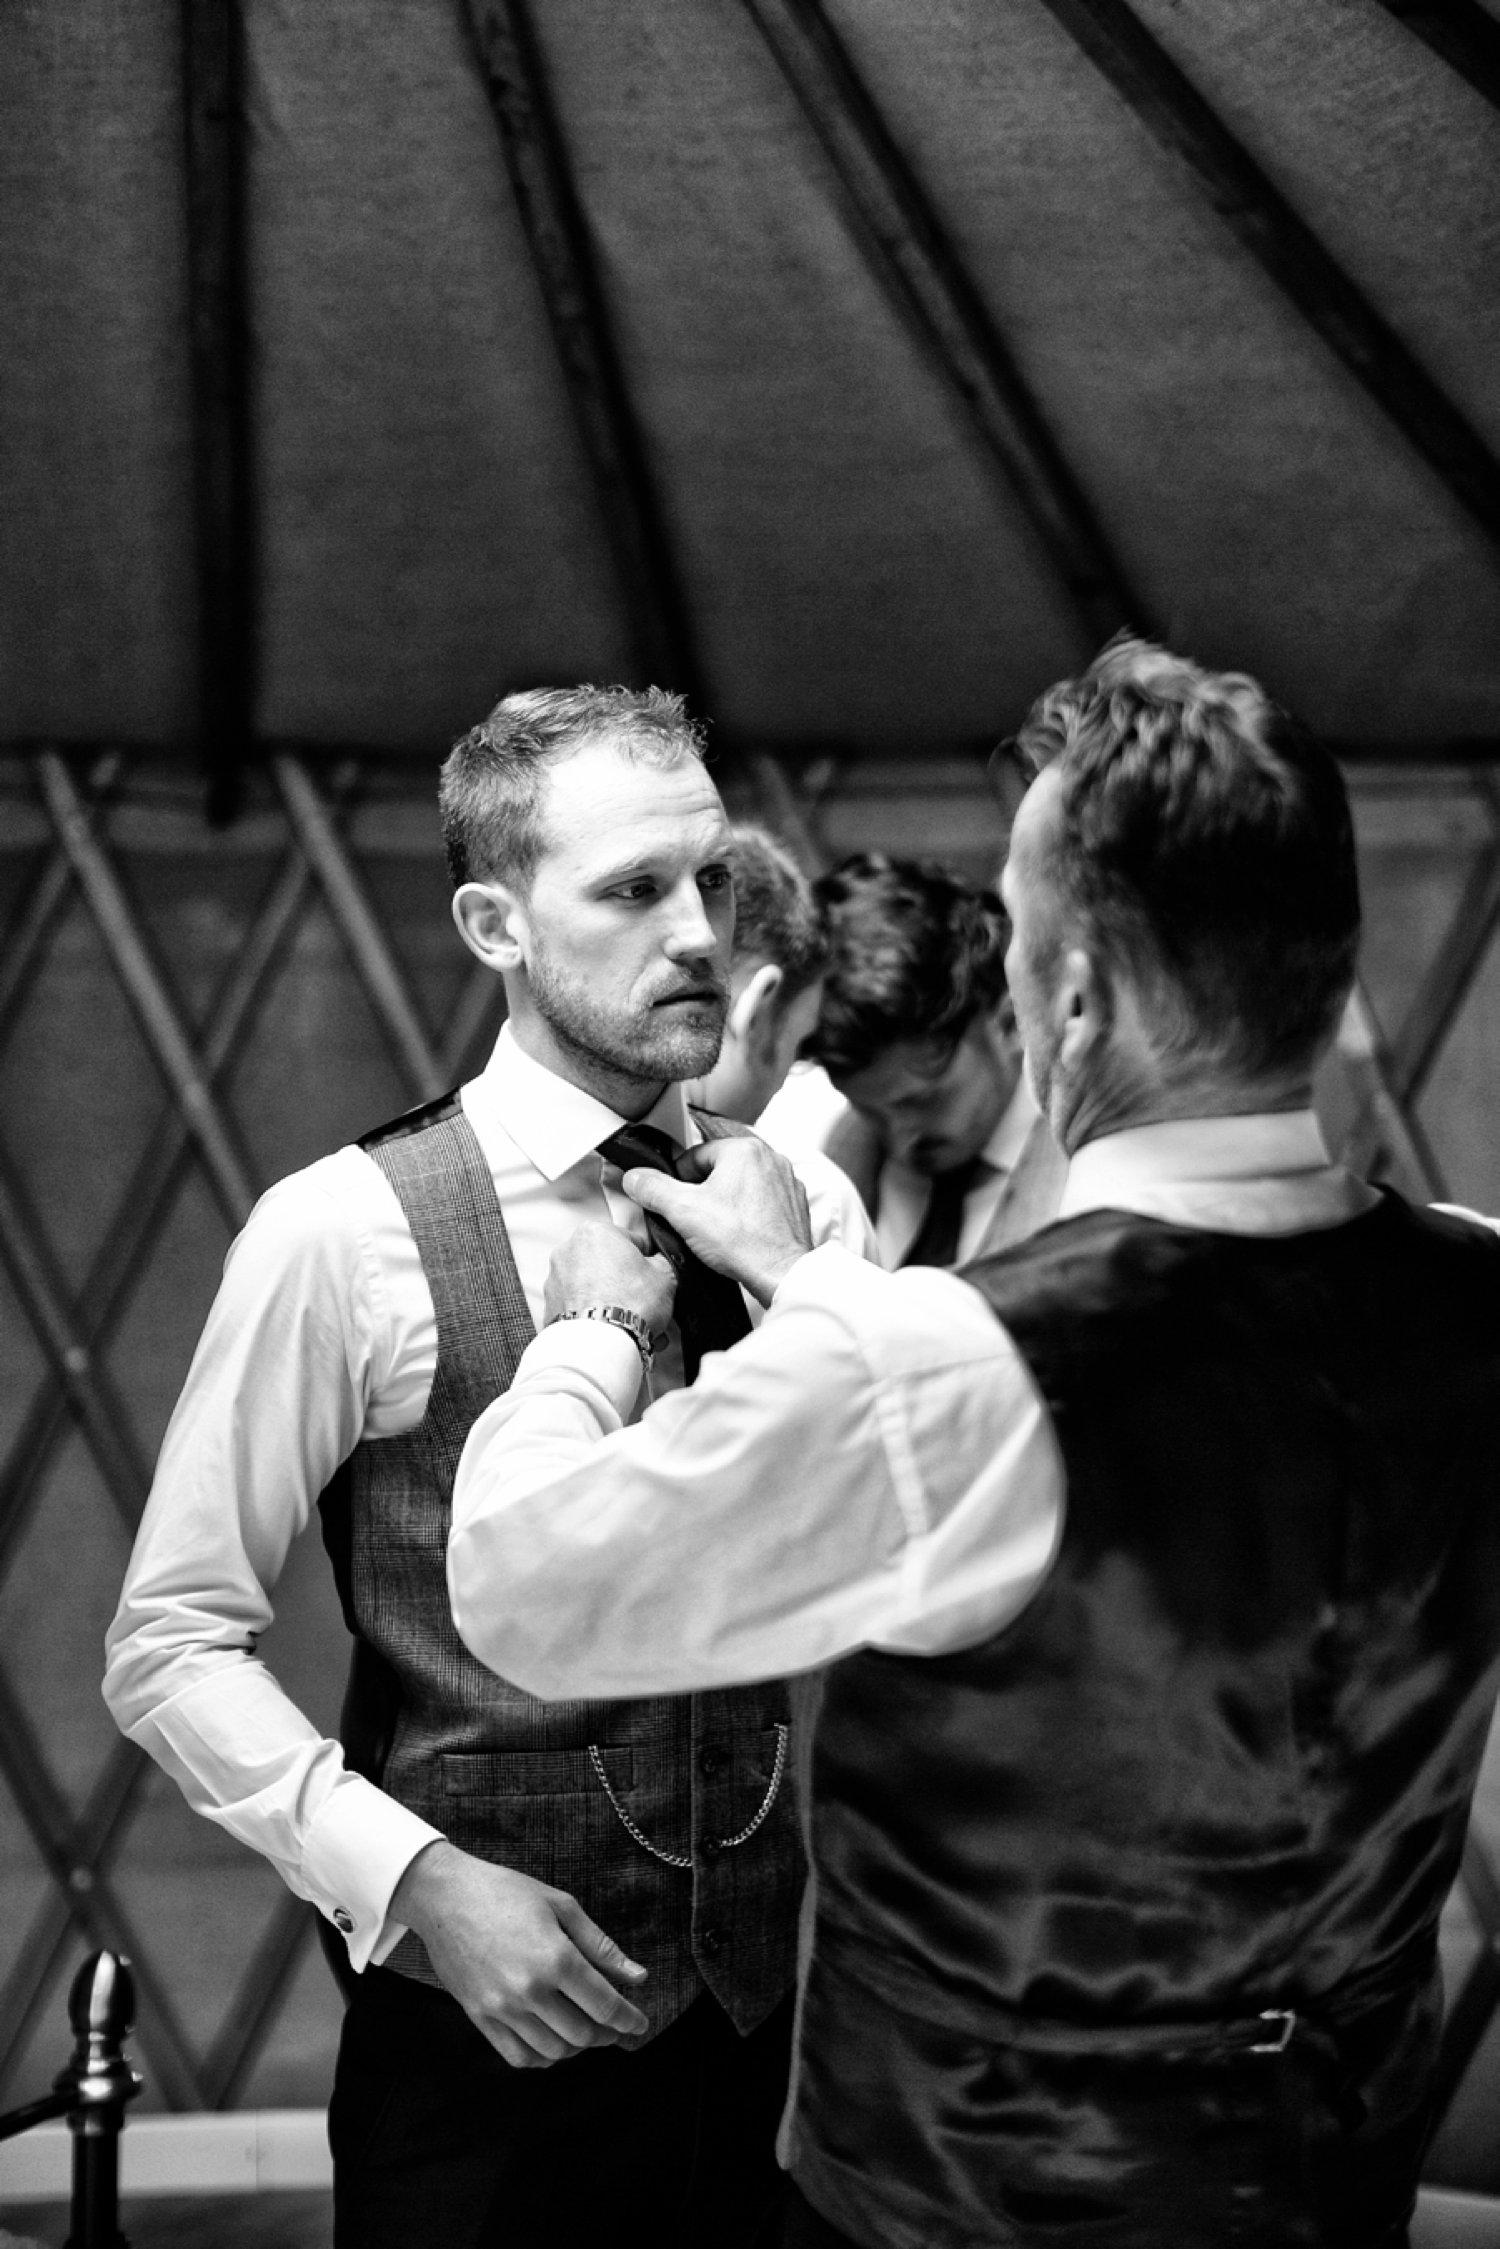 bestman fixing tie